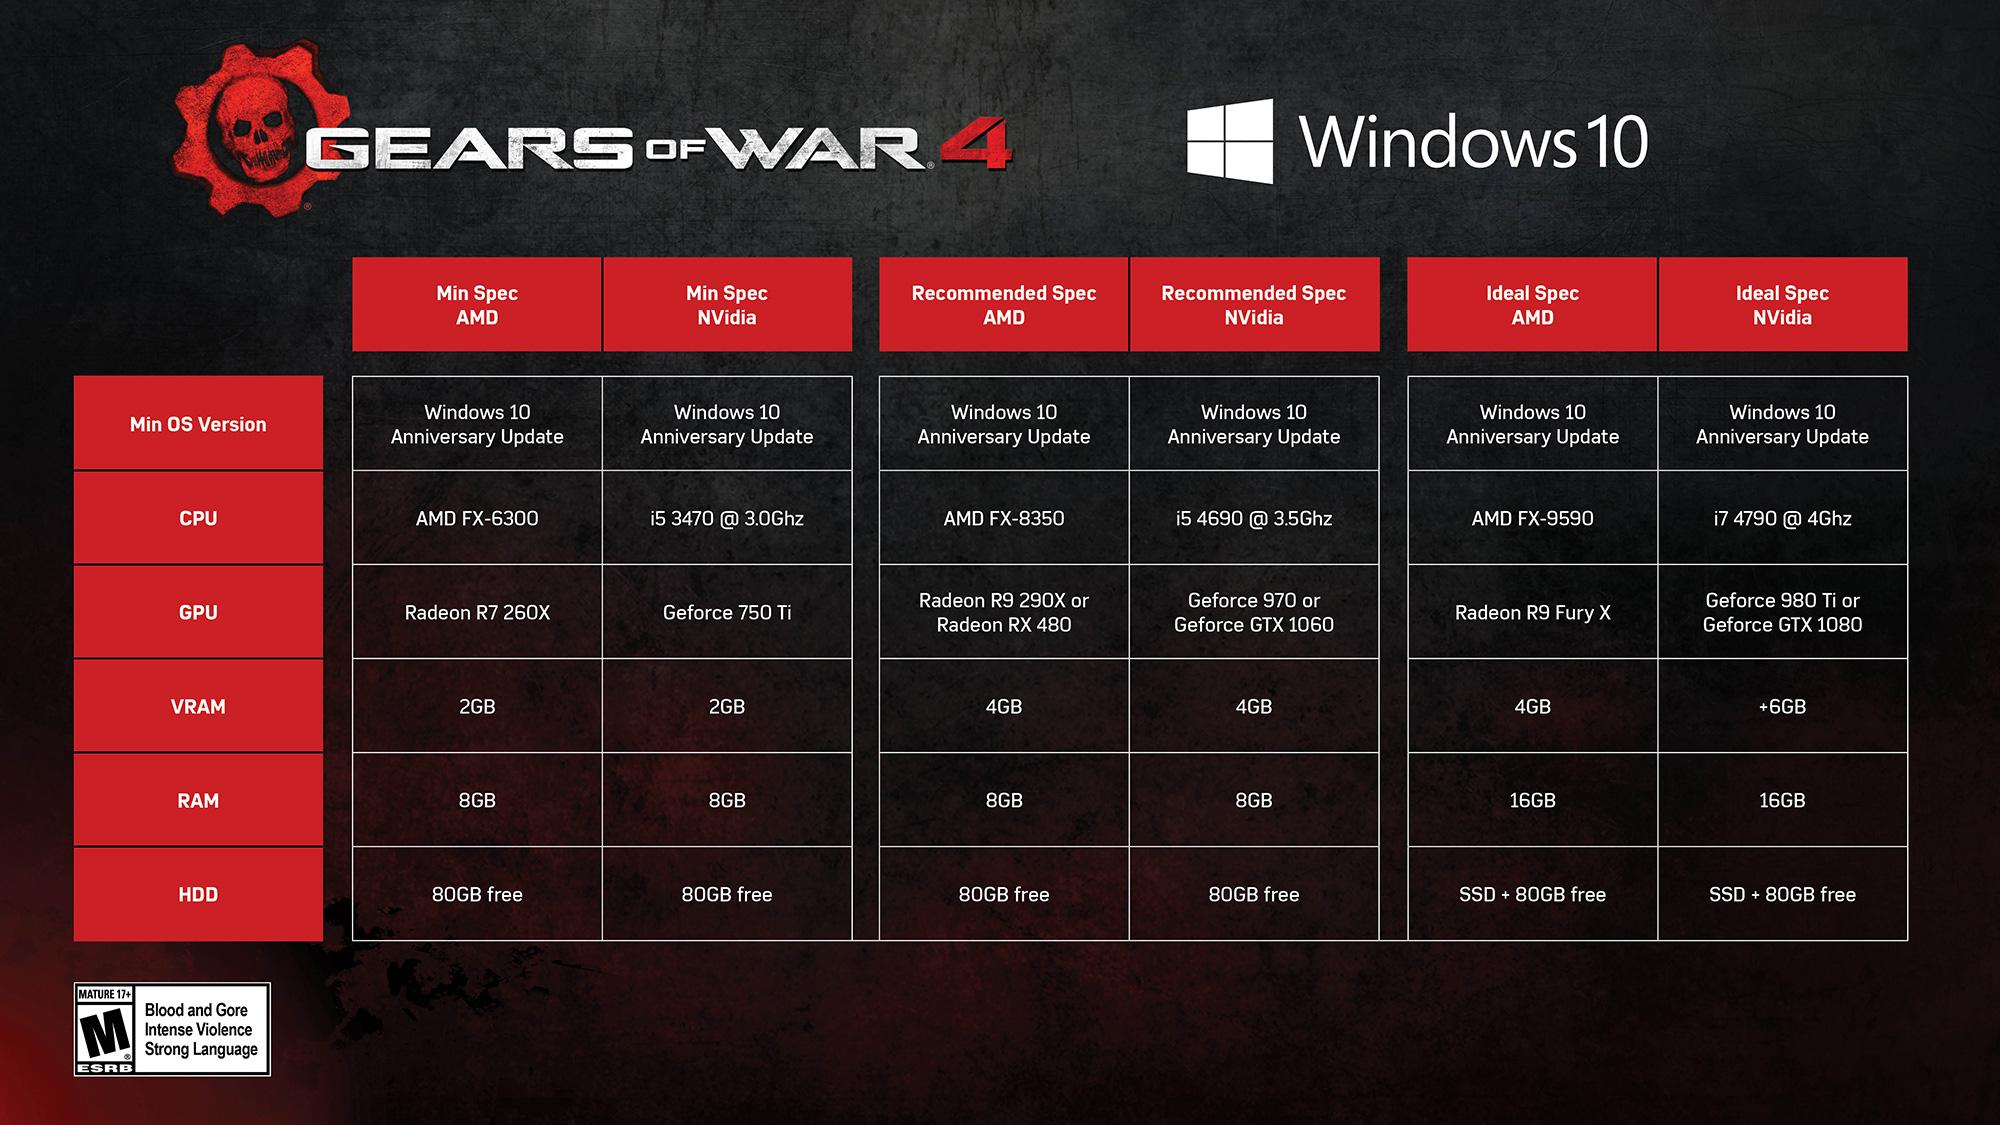 Windows 10 verze Gears of War 4 žádá 80 GB volného místa na disku 128651